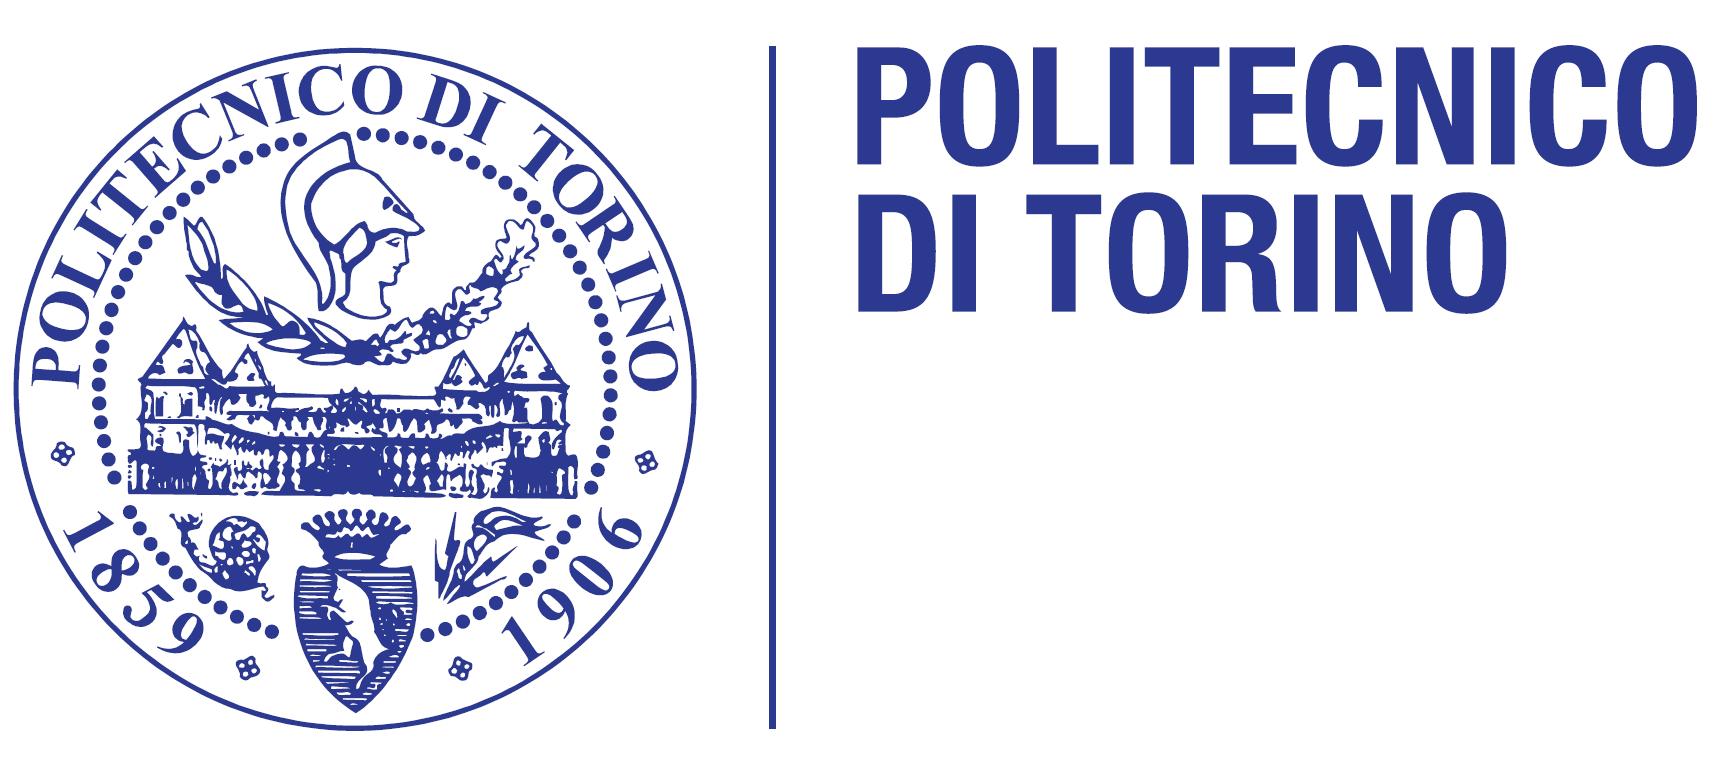 POLITO, Politecnico di Torino, Italy